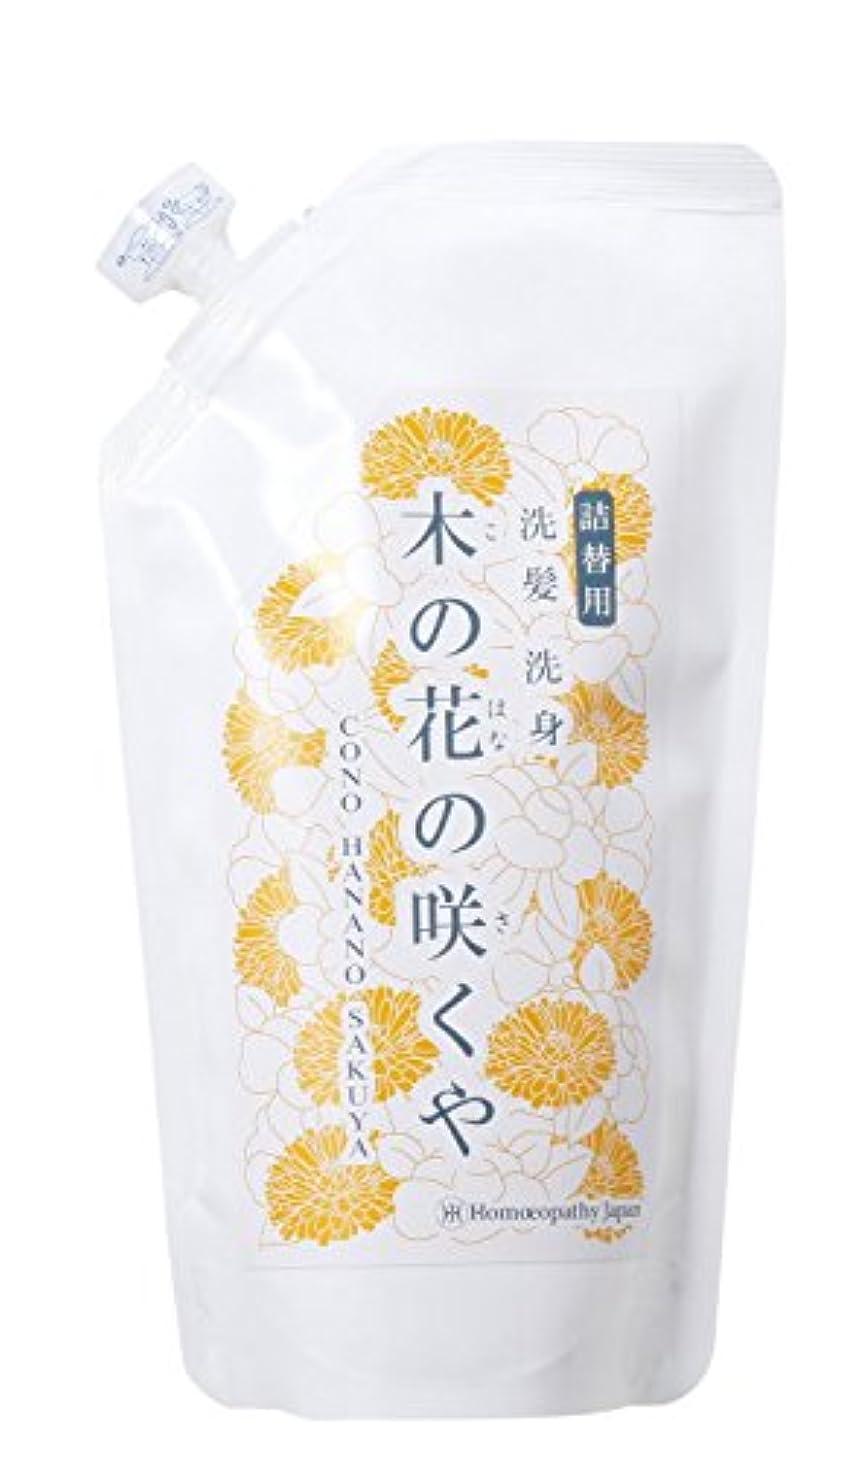 アルバニー面倒汚い日本豊受自然農 洗髪と洗身 木の花の咲くやシャンプー 詰替え用 300ml